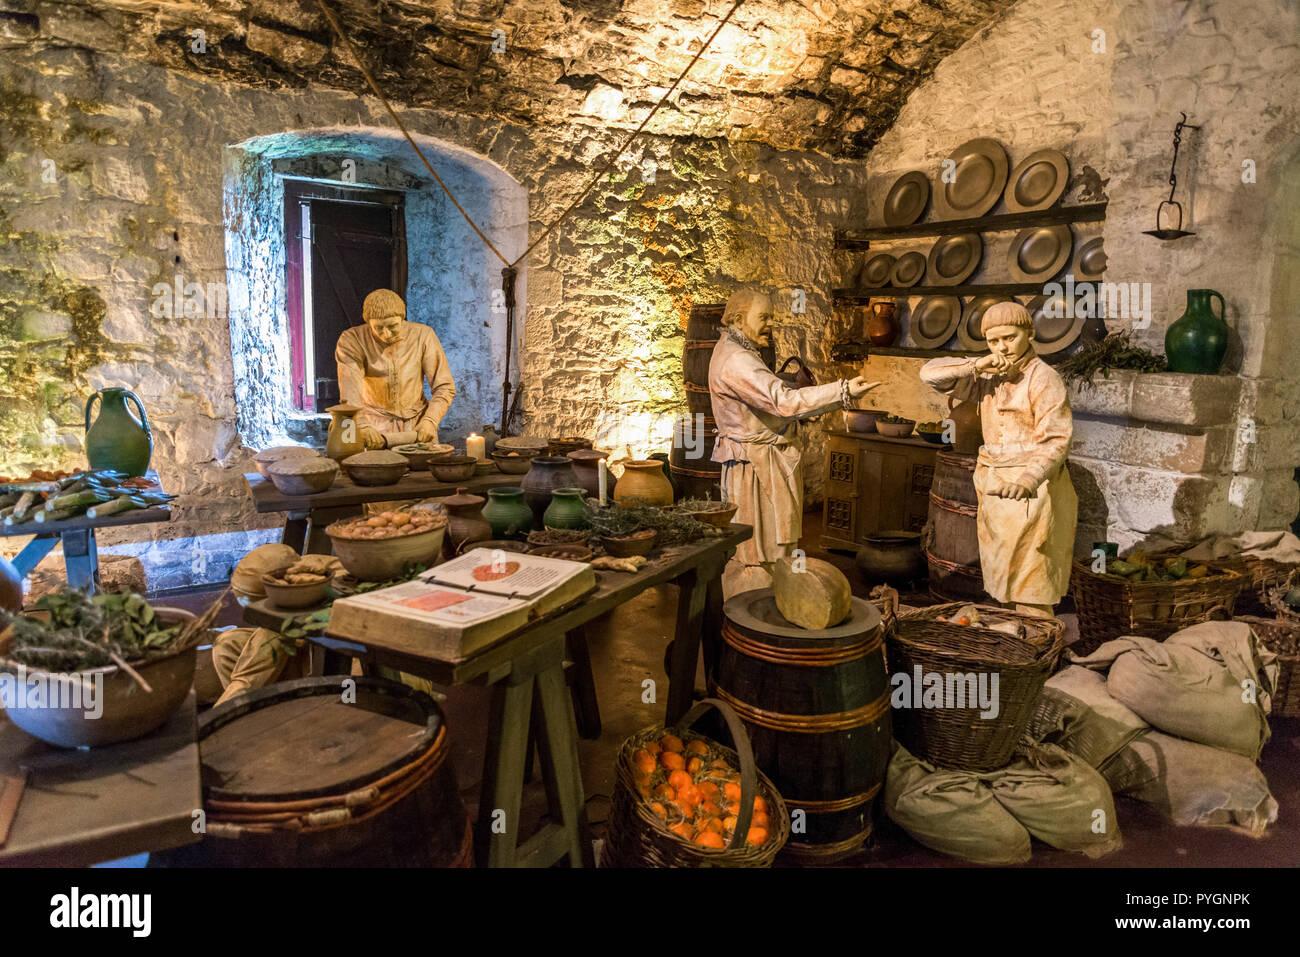 Eine Mittelalterliche Küche Szene Aus Den Großen Küchen In Stirling Castle,  Schottland